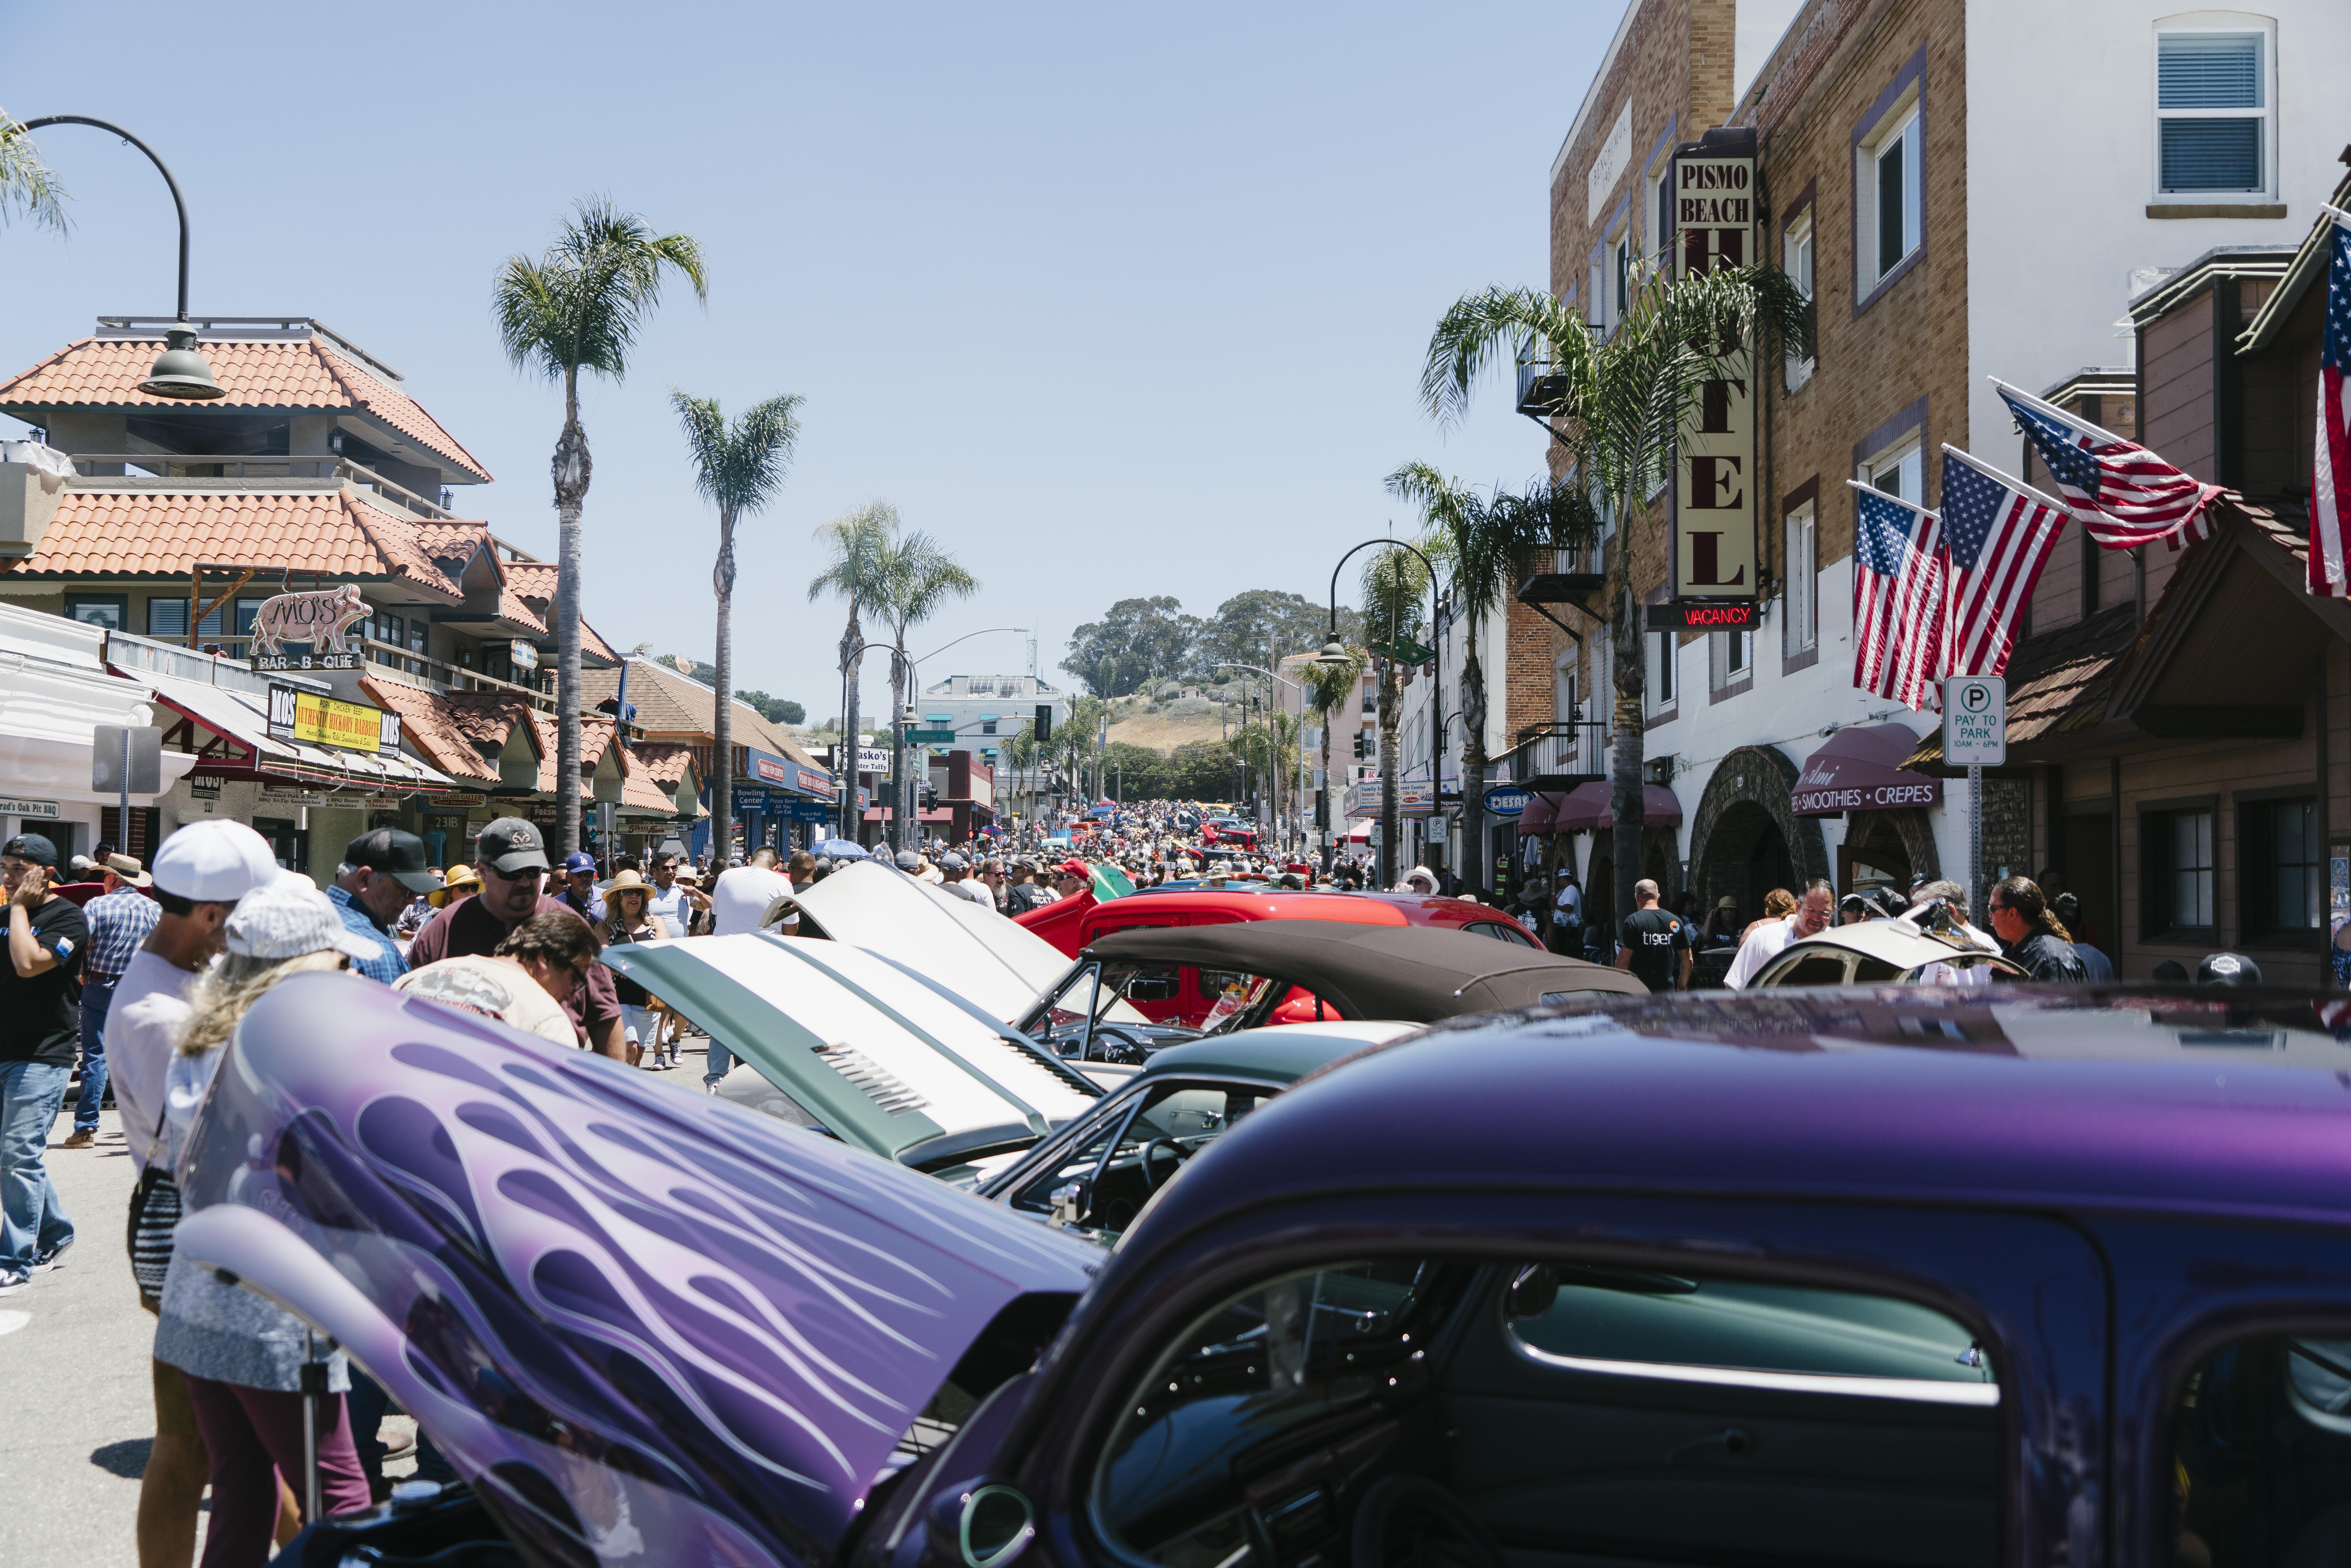 San Luis Obispo County Events Festivals Sports Concerts - San miguel car show 2018